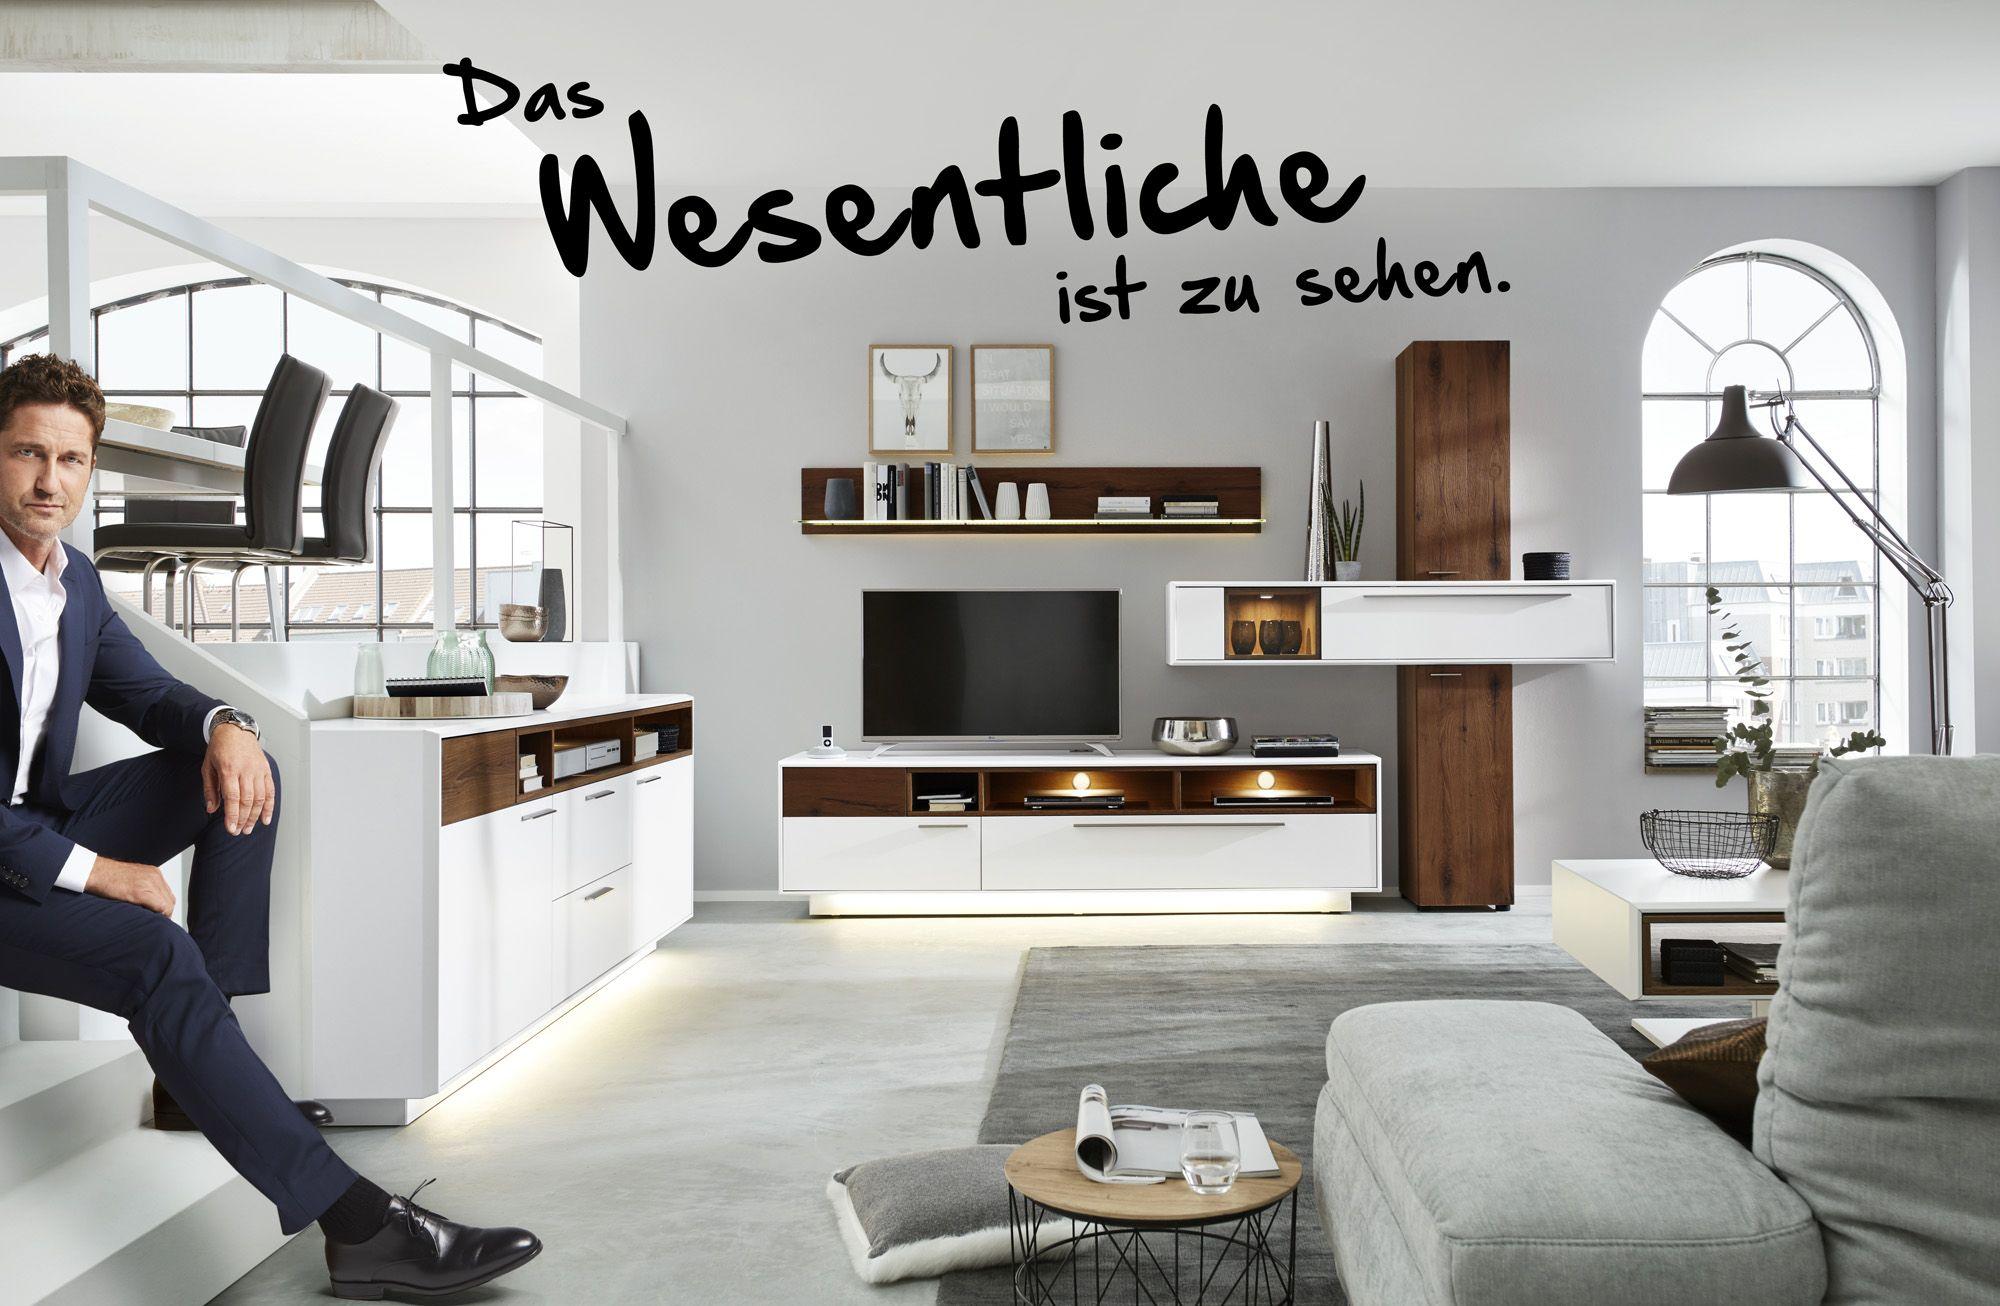 Das Wesentliche Ist Zu Sehen So Heisst Es In Der Aktuellen Interliving Kampagne Mit Gerard Butler In Dies Wohnzimmer Modern Kleine Wohnzimmerideen Wohnzimmer